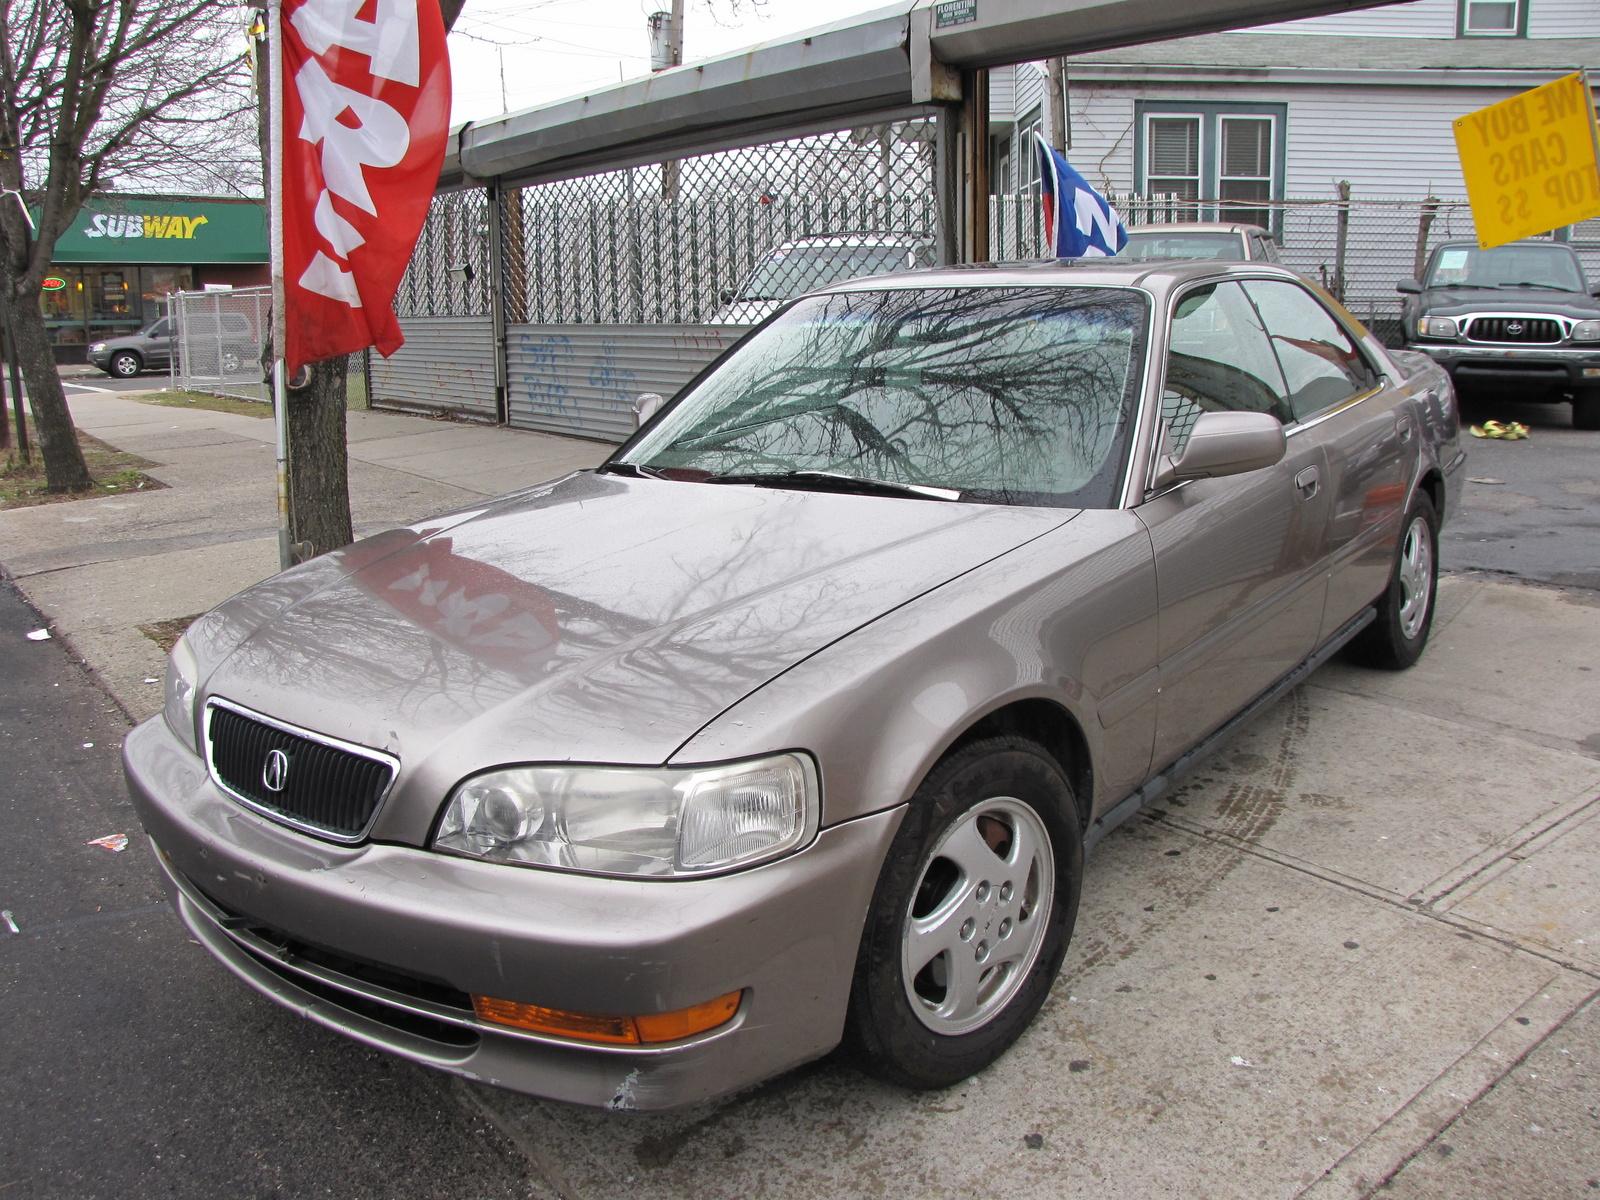 2000 Acura Tl 3.2 >> 1997 Acura TL - Pictures - CarGurus